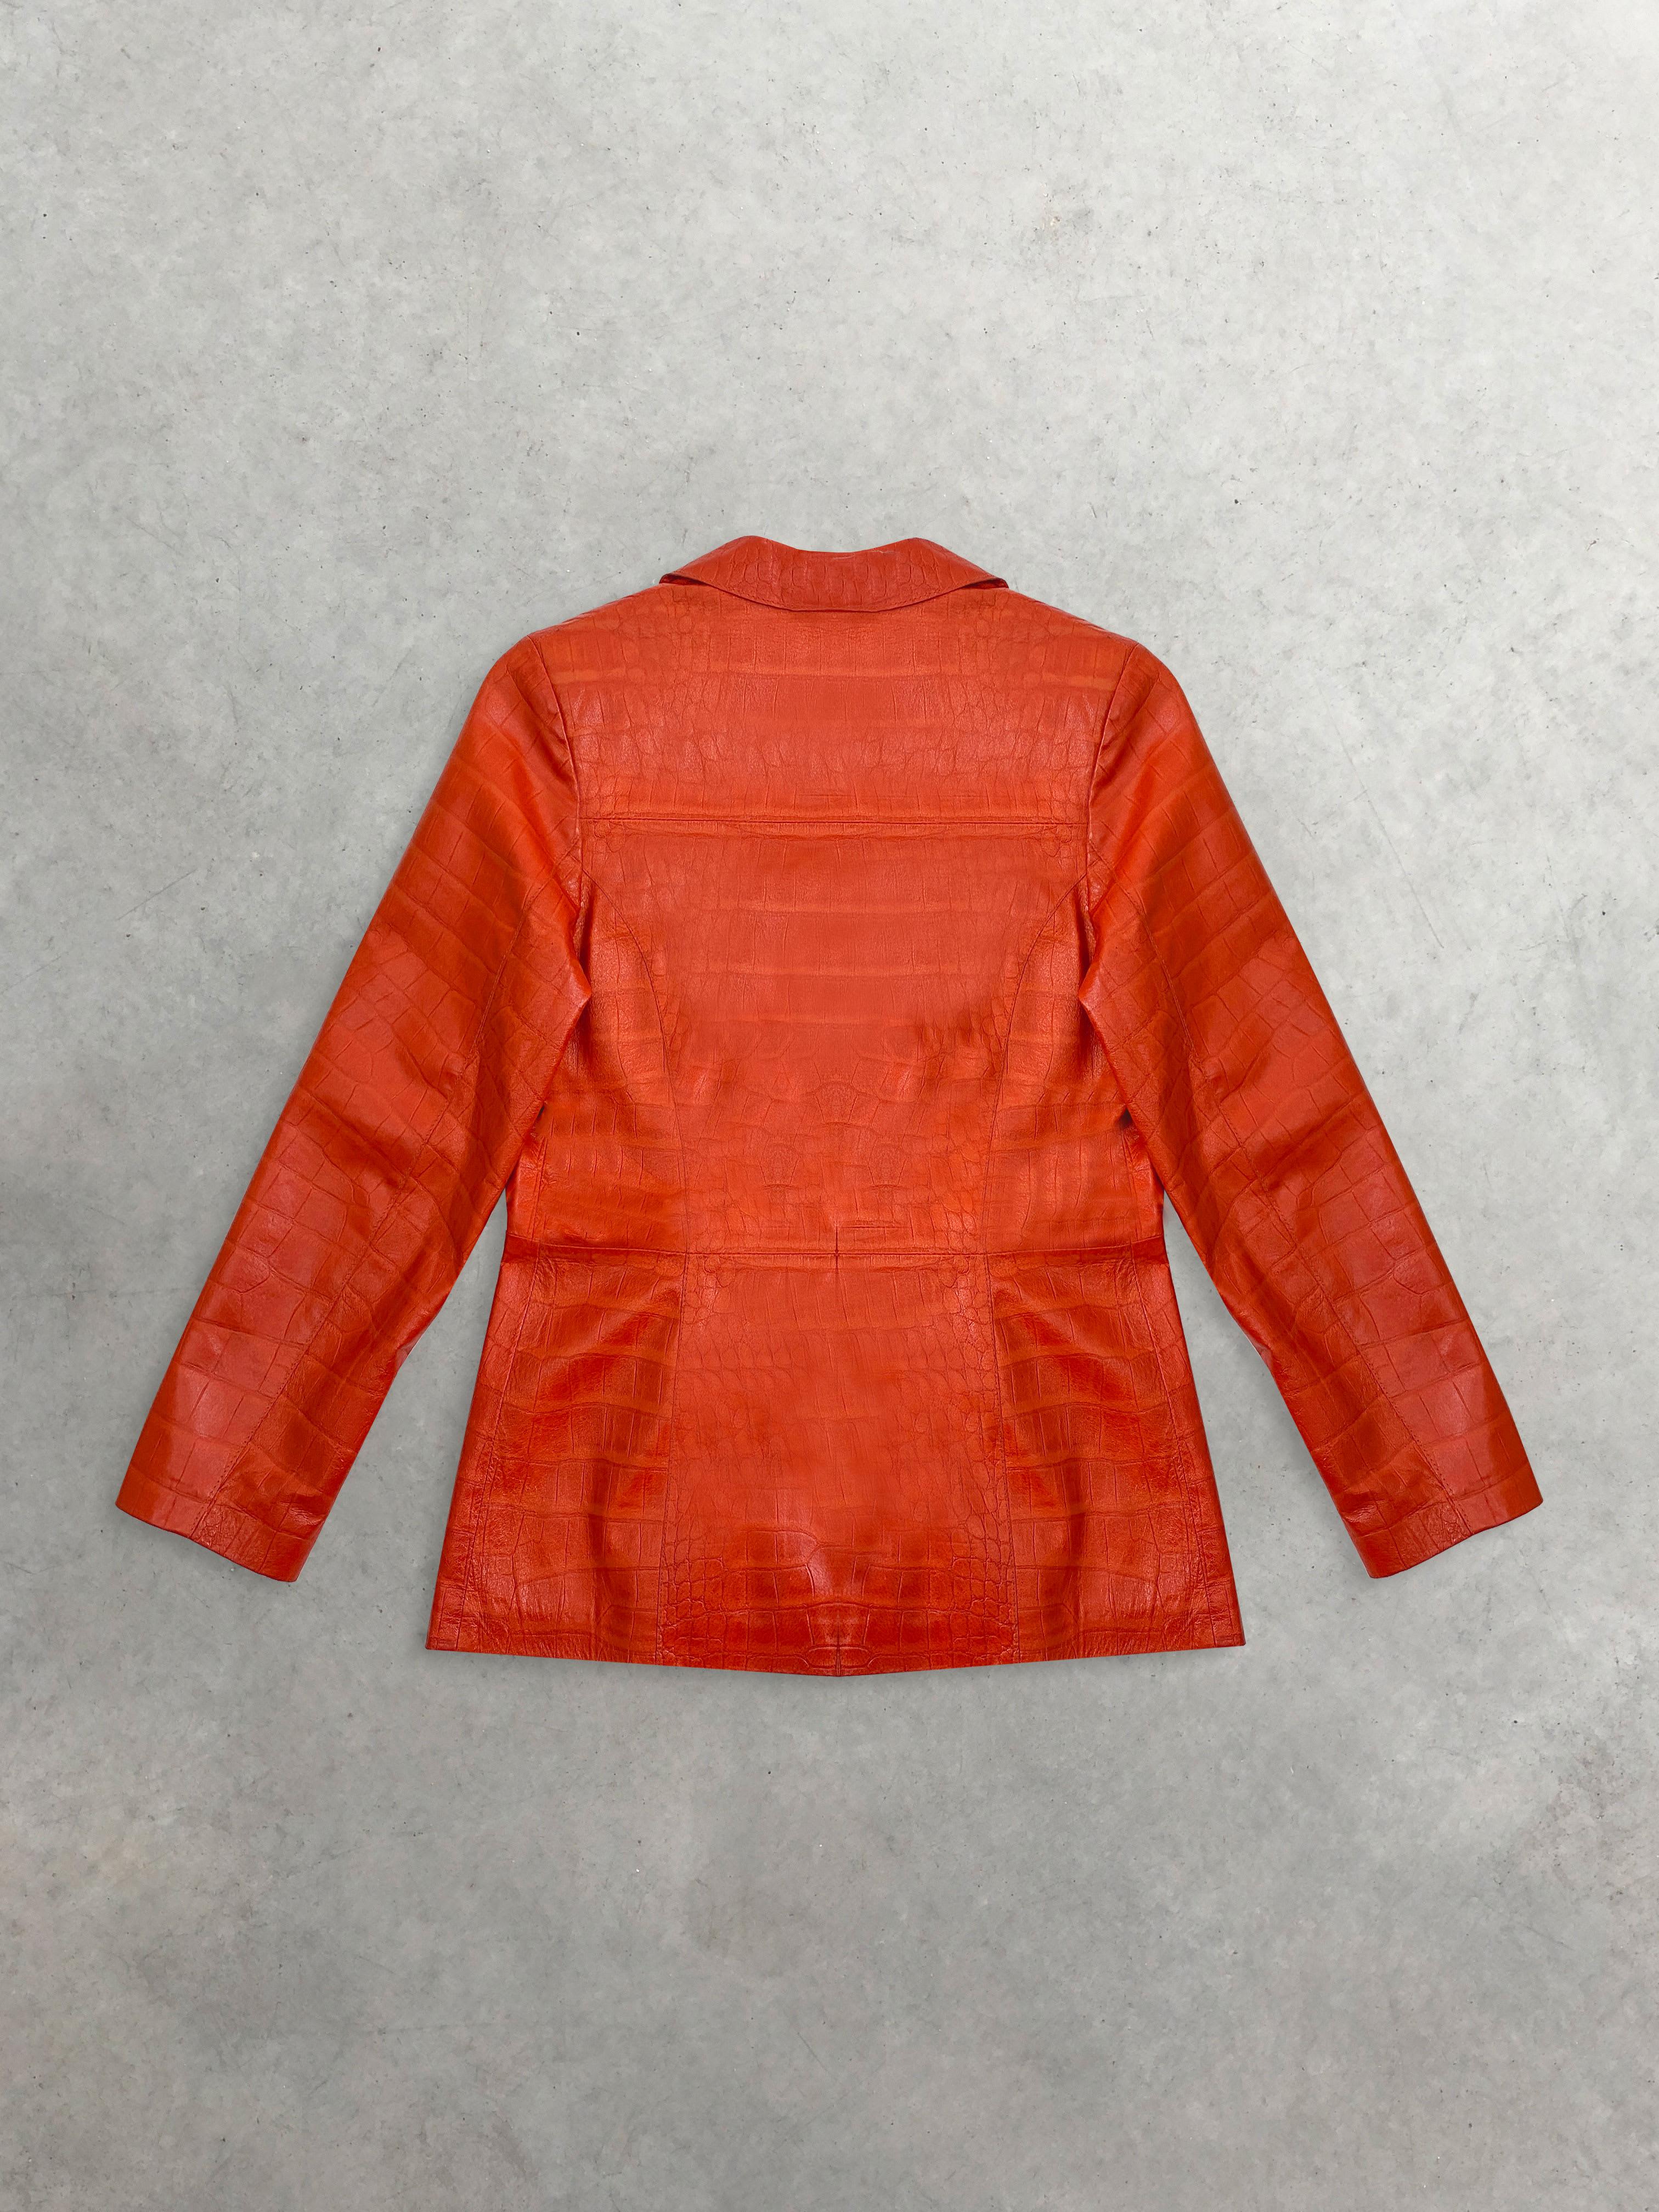 Packshot du produit Veste Tailleur en Cuir Orange Serra by Torras Vintage de la catégorie Vestes & Manteaux